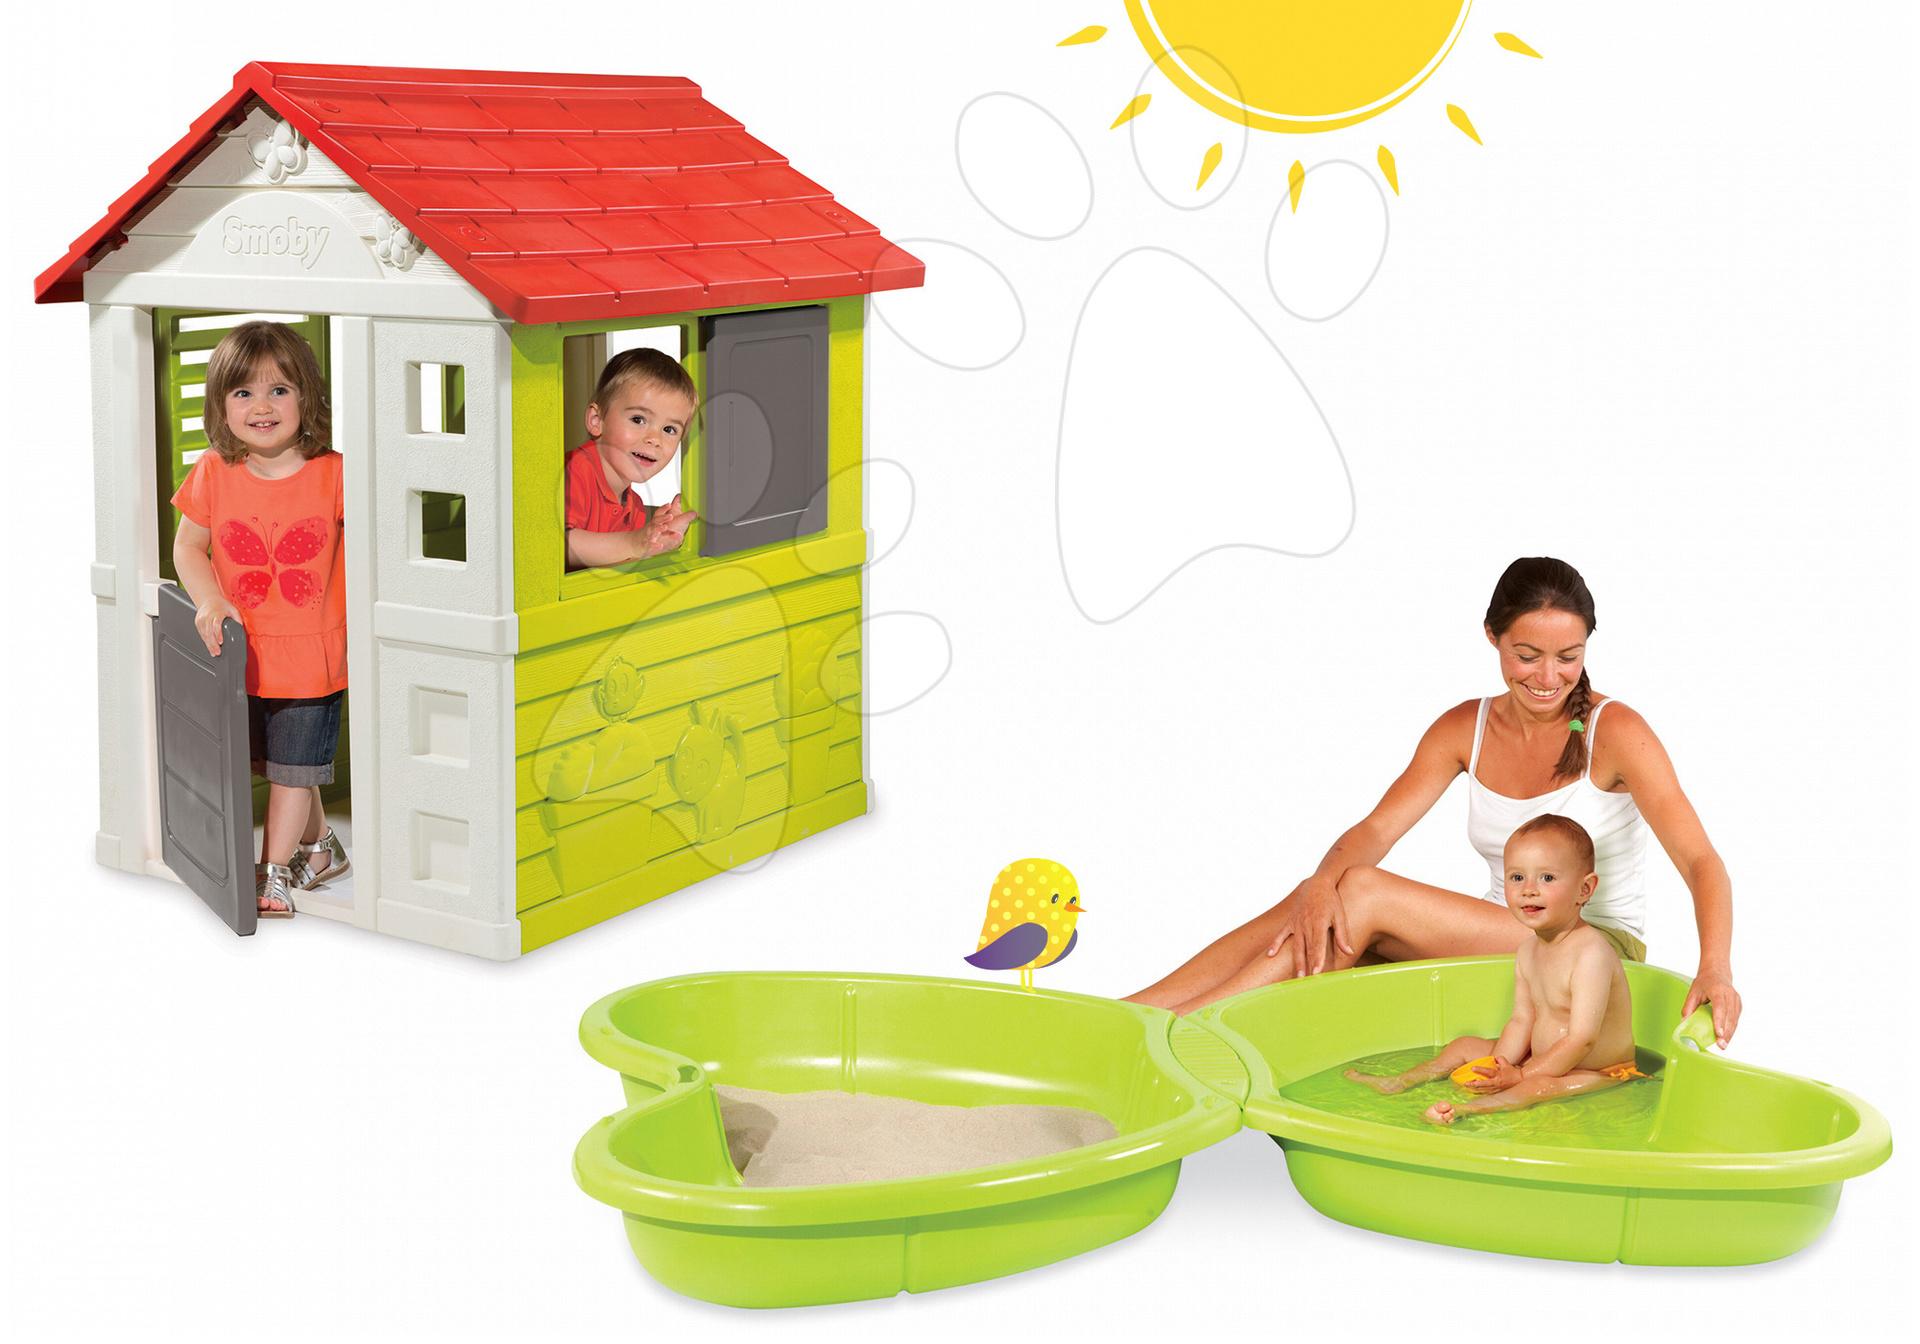 4756a54b8cb23 Detský záhradný domček a pieskovisko Smoby